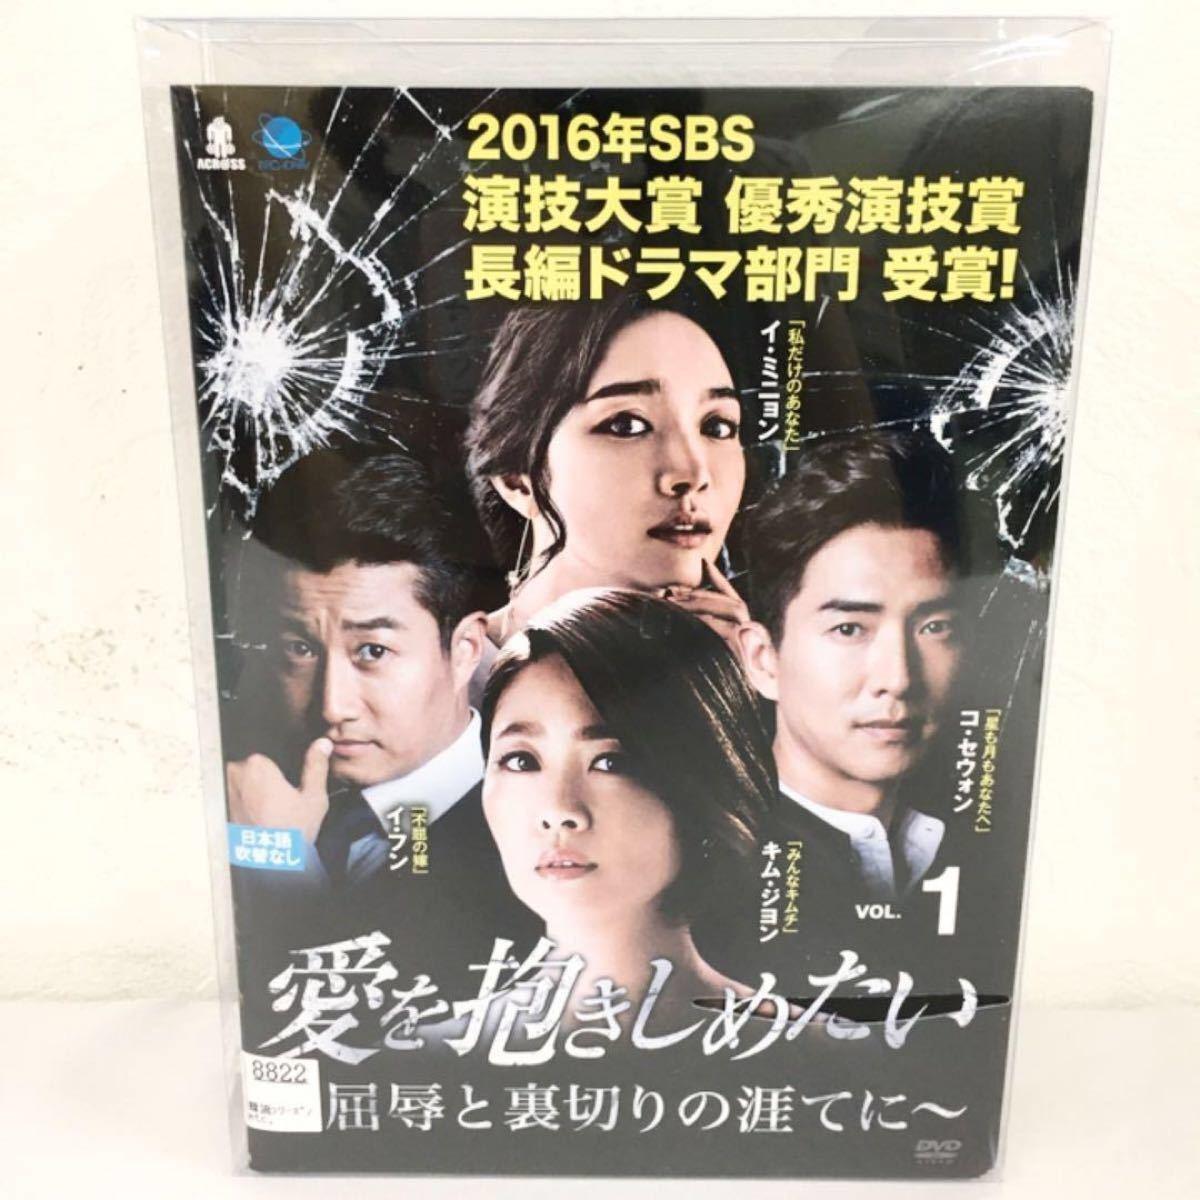 韓国ドラマ 愛を抱きしめたい ~屈辱と裏切りの涯てに~DVD全話41卷 日本語字幕付き